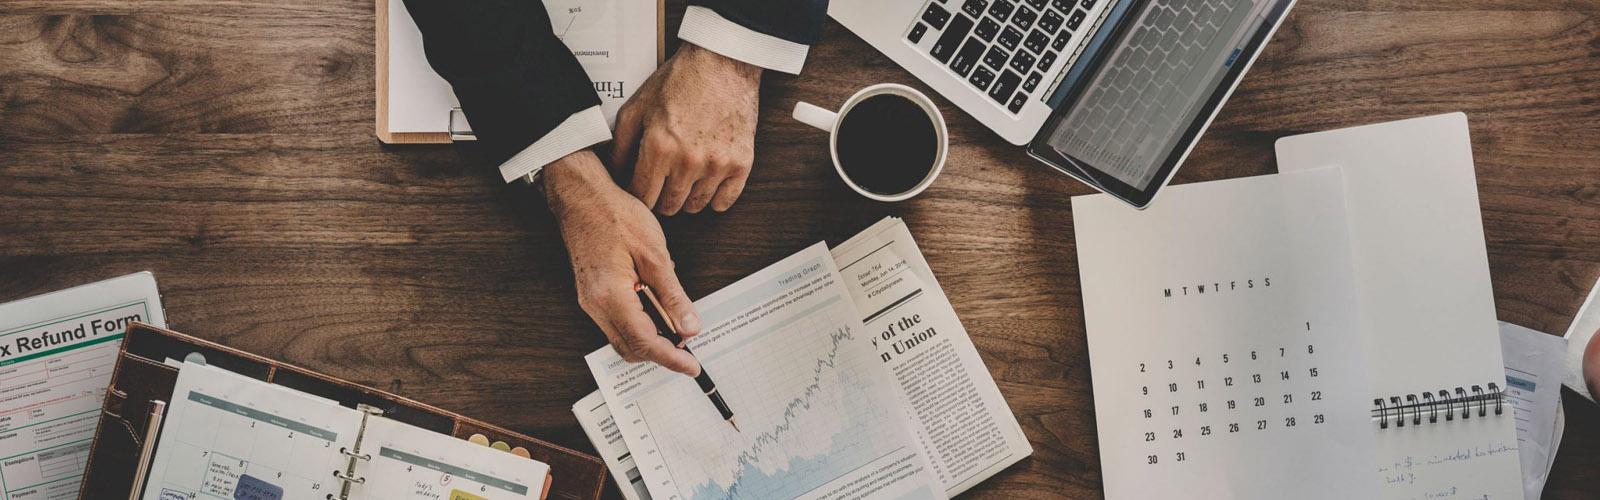 Transformando a crise em planejamento